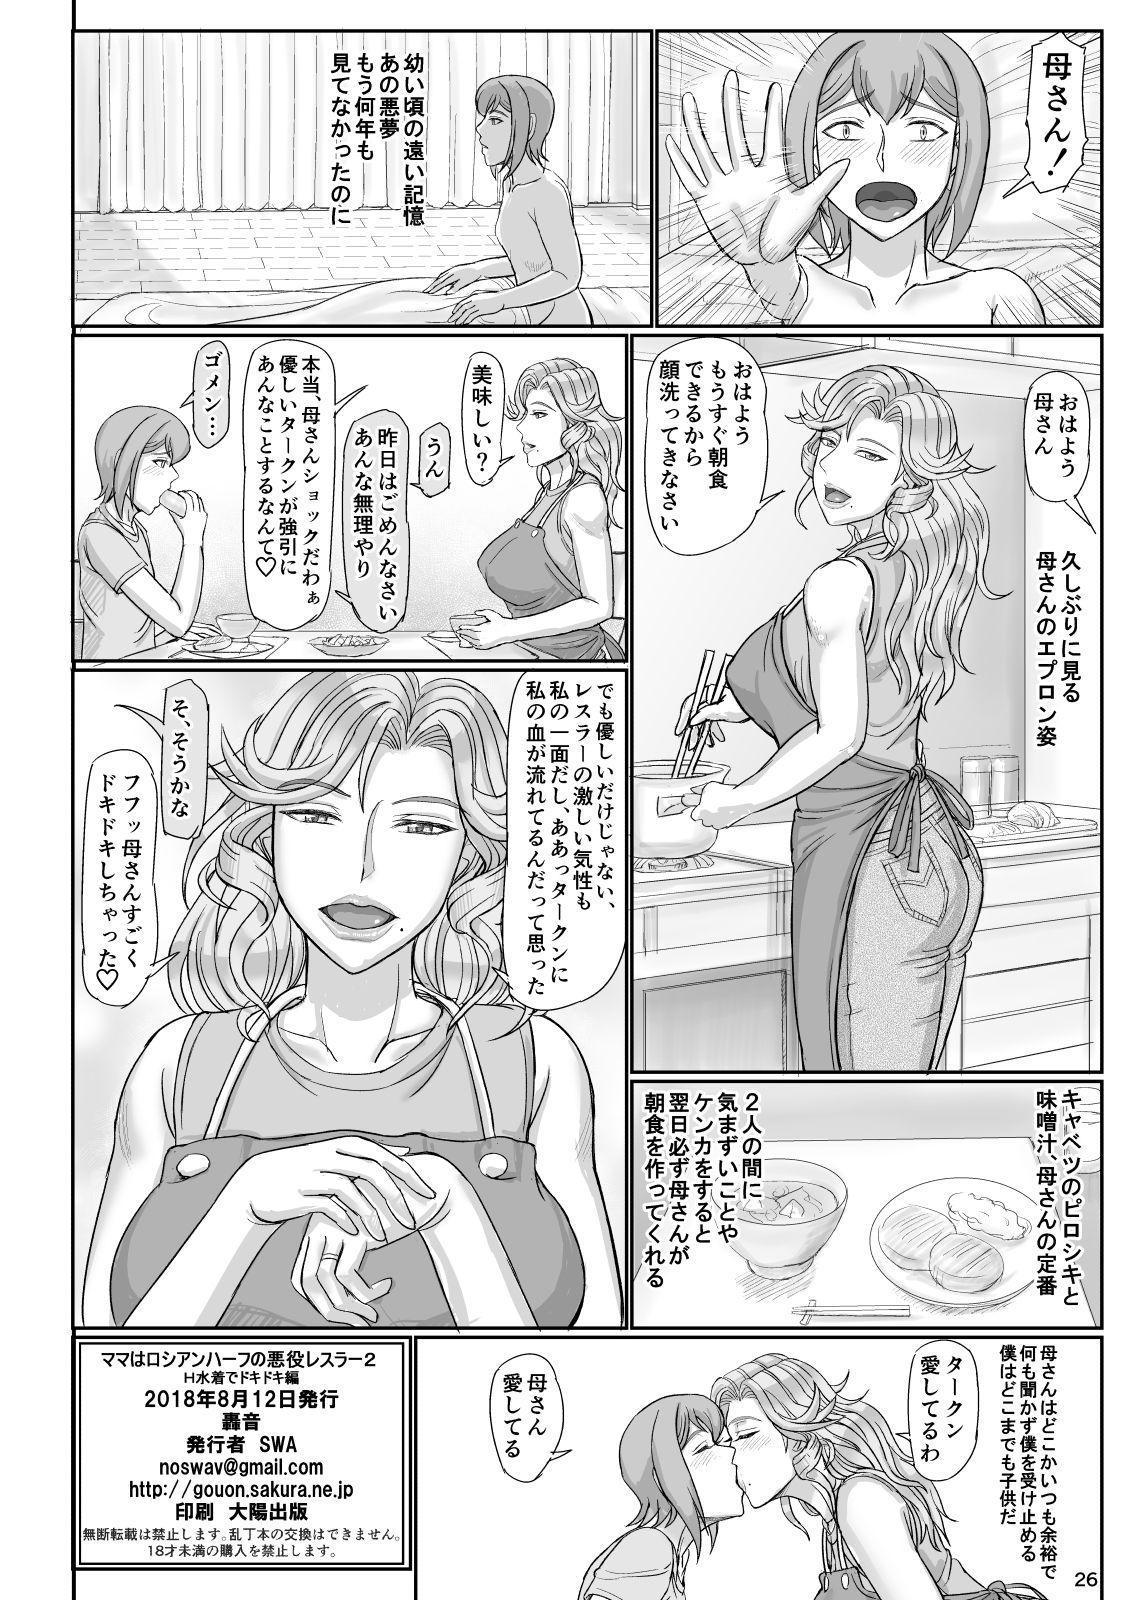 Mama wa Russian Half no Akuyaku Wrestler 2 - H Mizugi de Dokidoki Hen 25